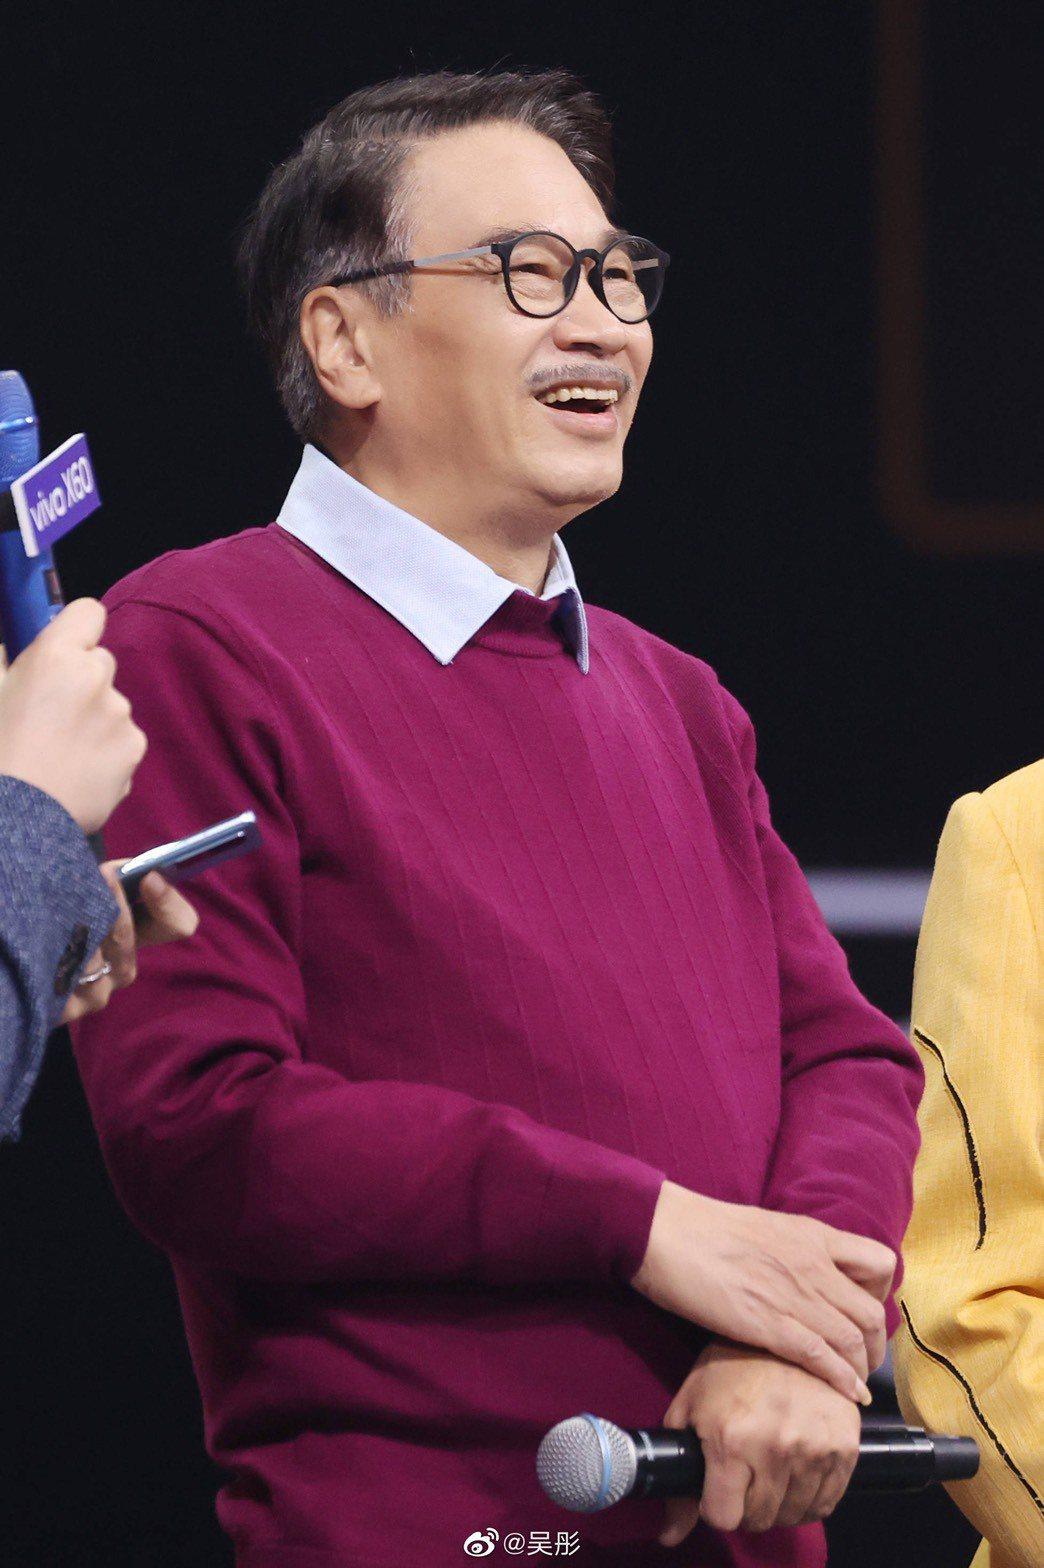 吳孟達最後一次公開露臉是上大陸綜藝節目「王牌對王牌」。圖/摘自微博